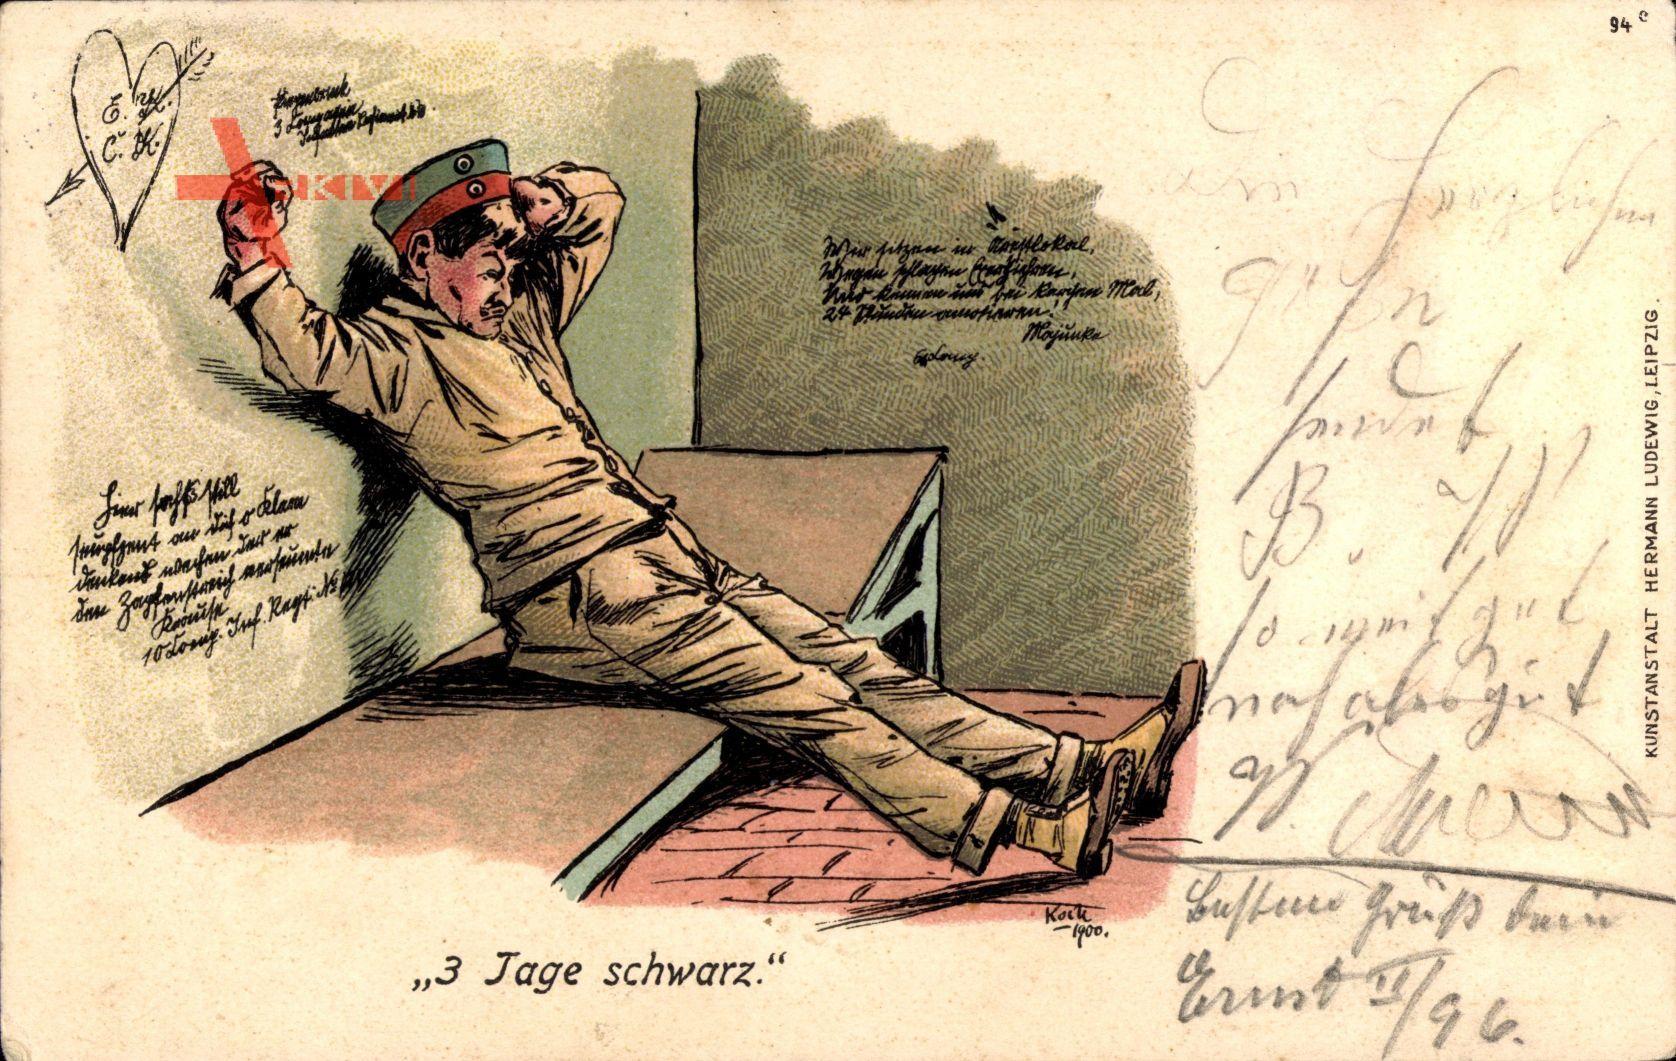 Full Size of 3 Tage Schwarz, Soldat Im Gefängnis, Bett, Wandsprüche Küche Wandsprüche